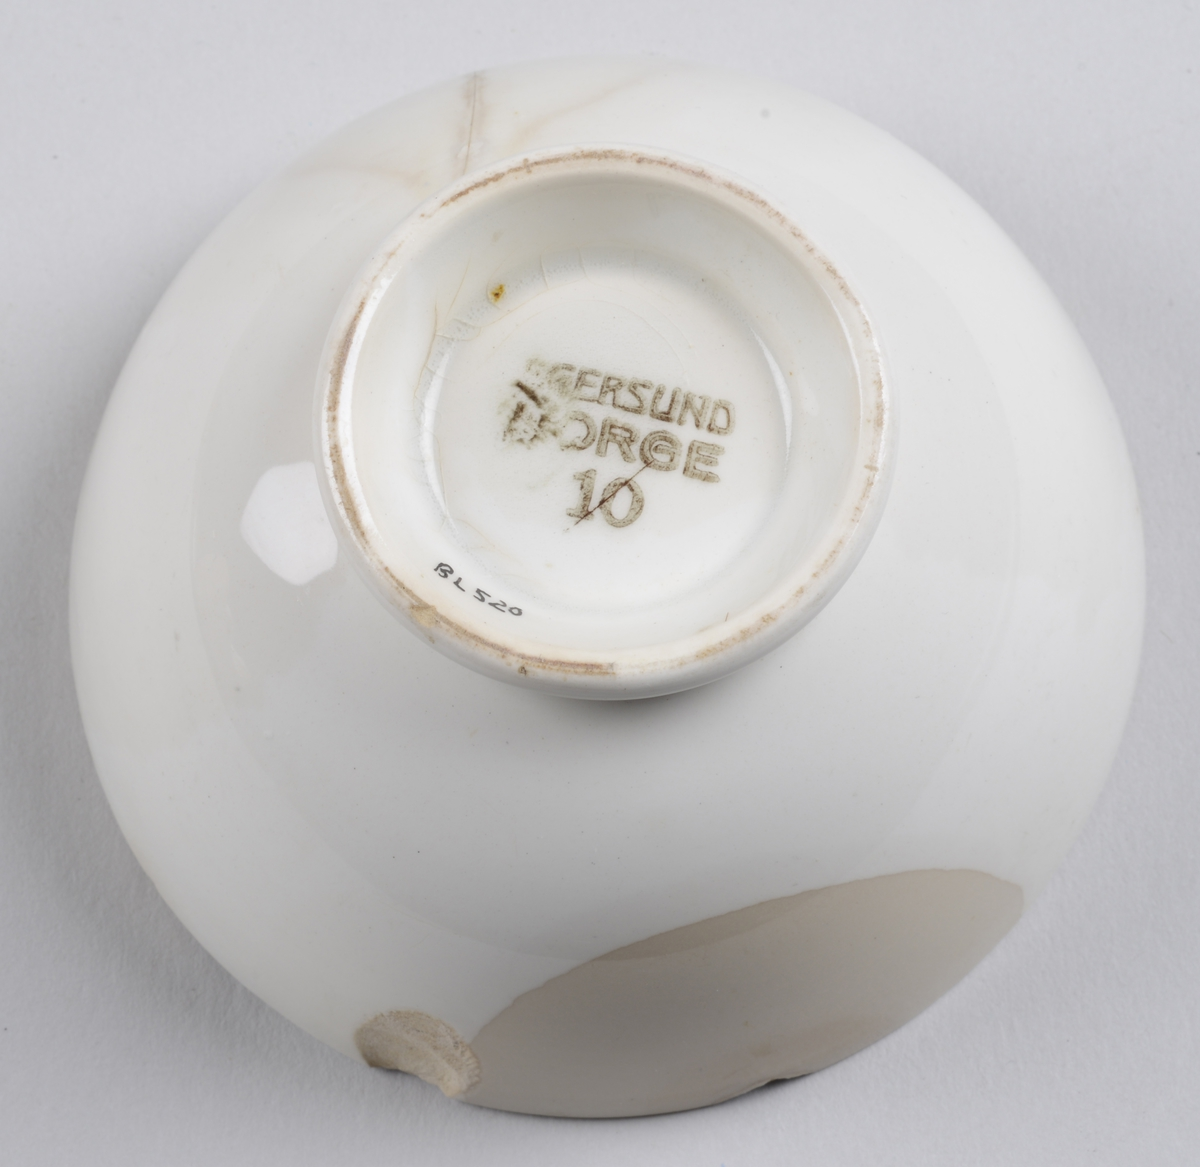 Skål i porselen med en liten stett på ca 1 cm.